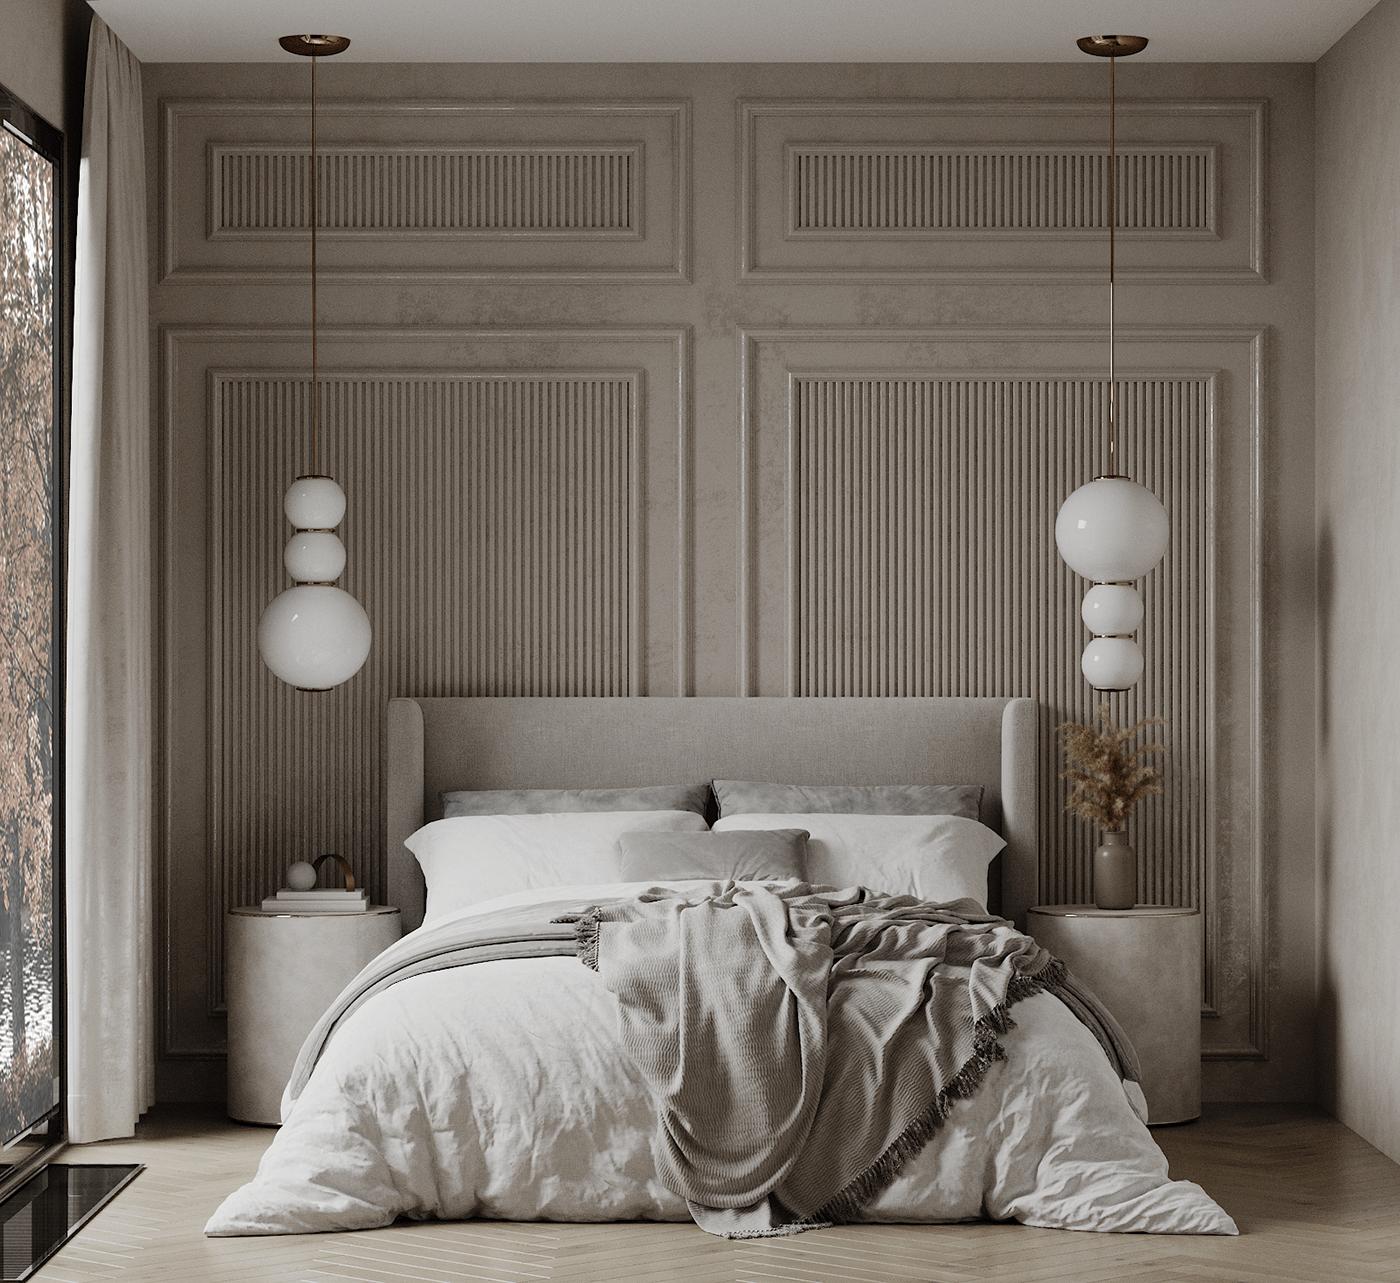 дизайн дизайн интерьера дизайнер дом интерьер квартира